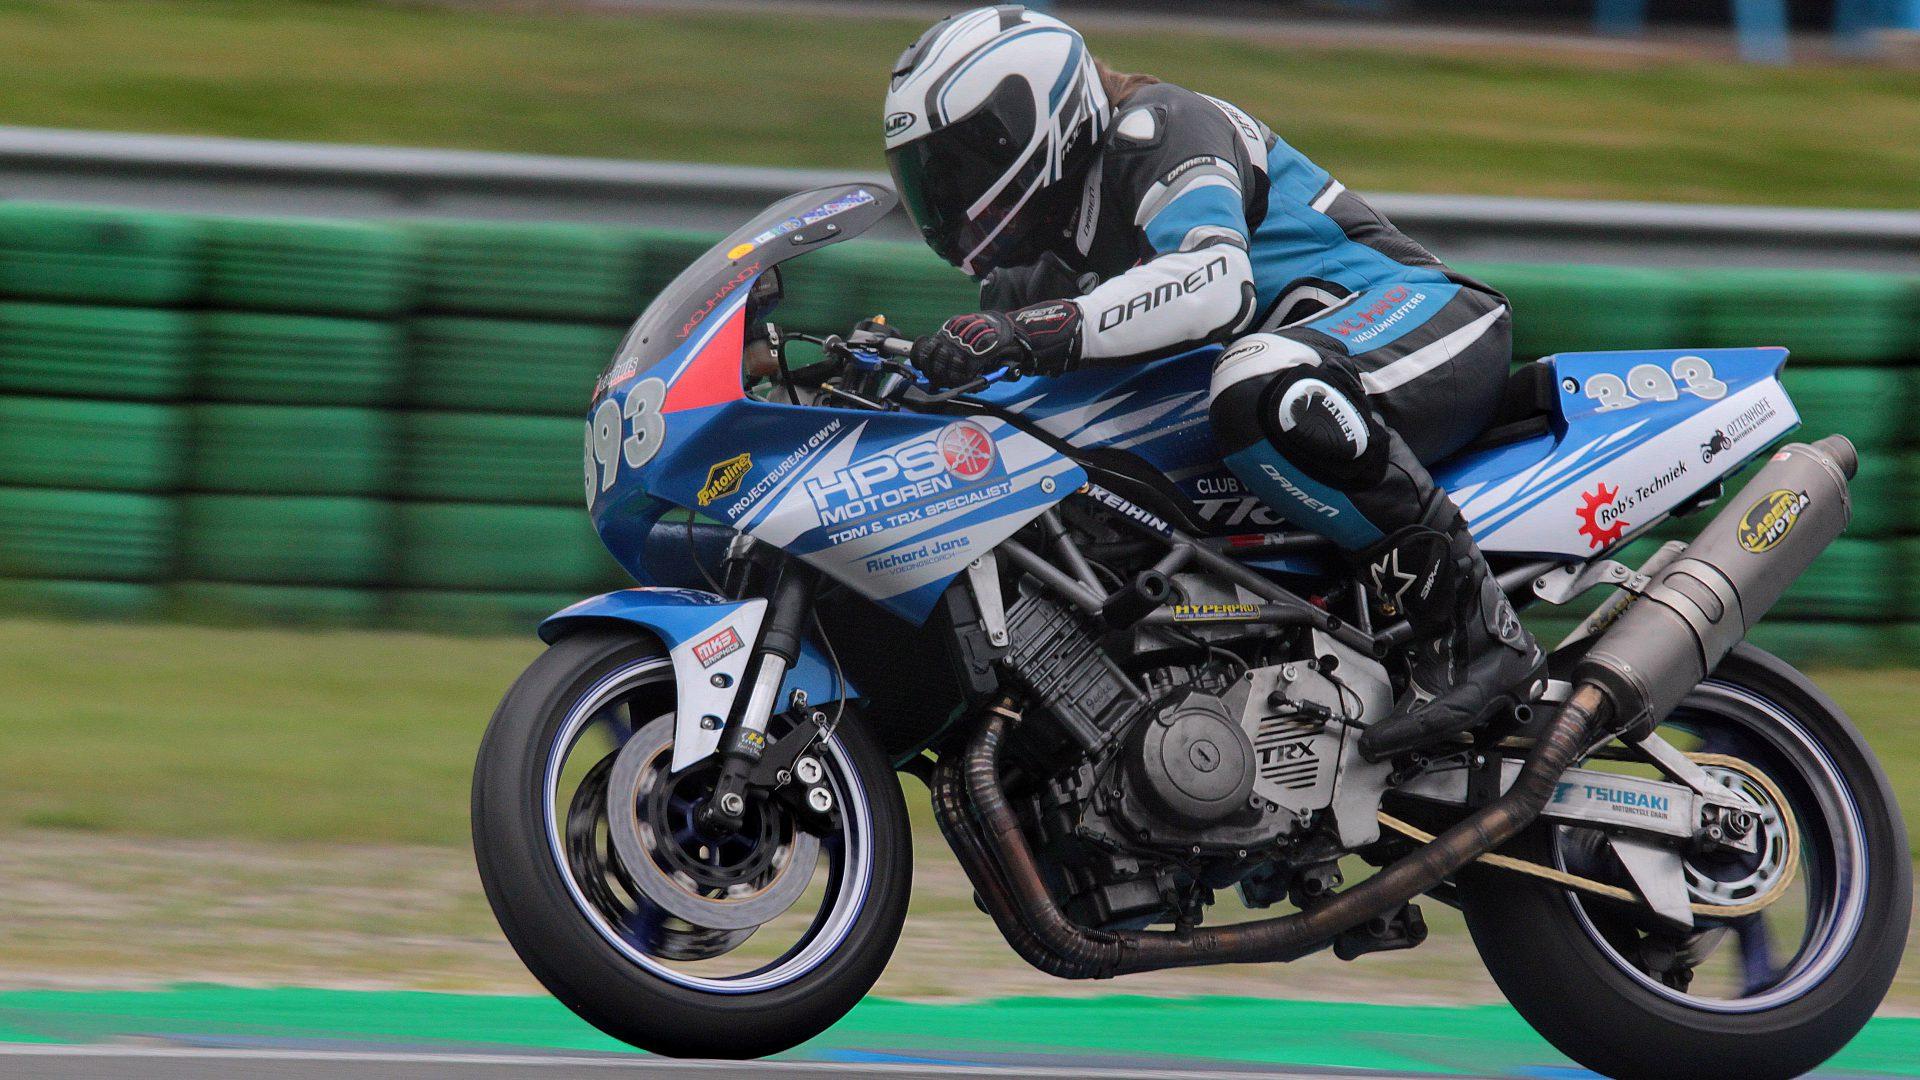 HPS Racing